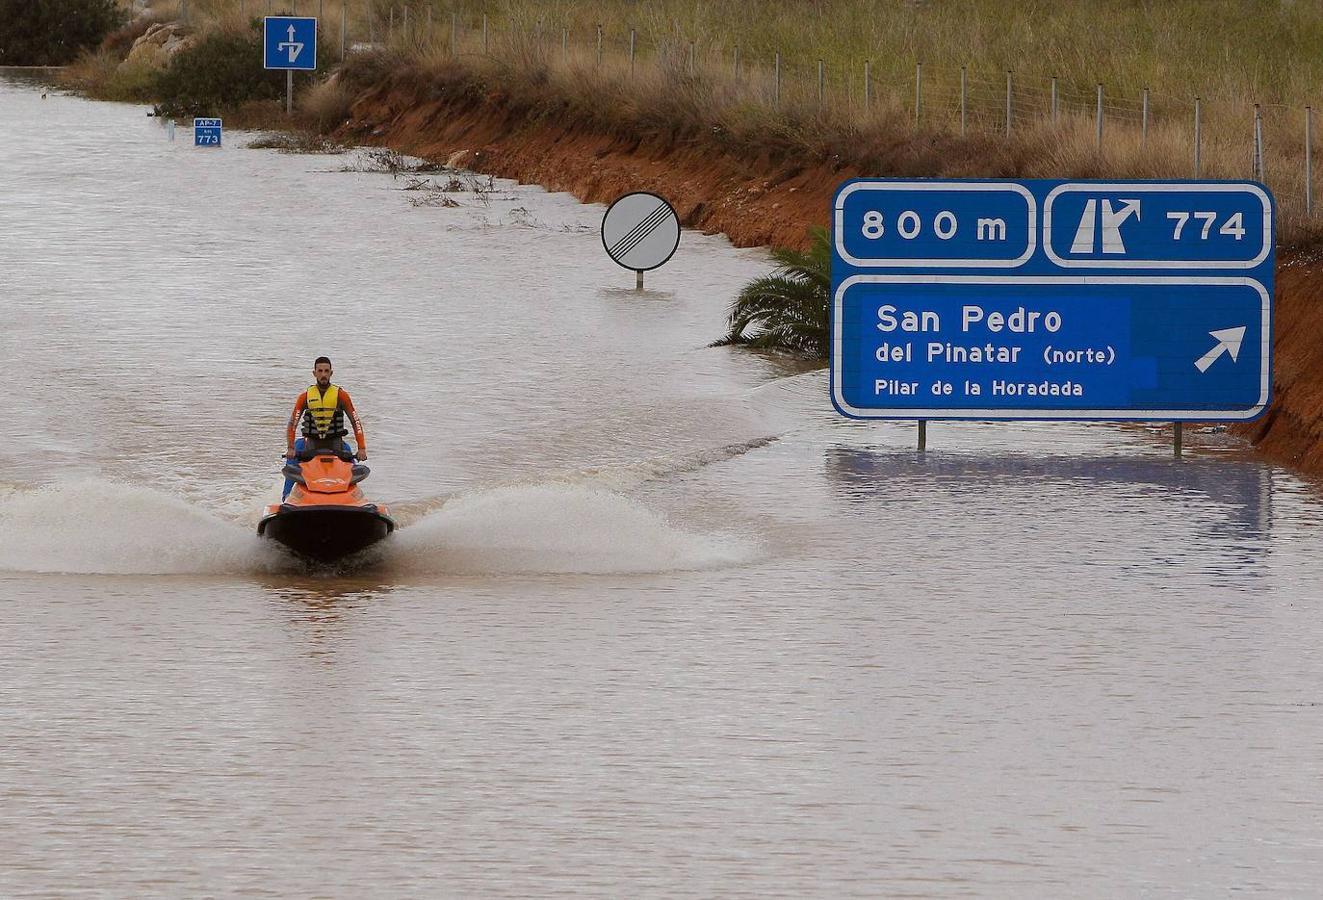 Un miembro de los servicios de rescate cruza en moto acuática la salida del túnel de la AP-7 a la altura del municipio alicantino Pilar de la Horadada